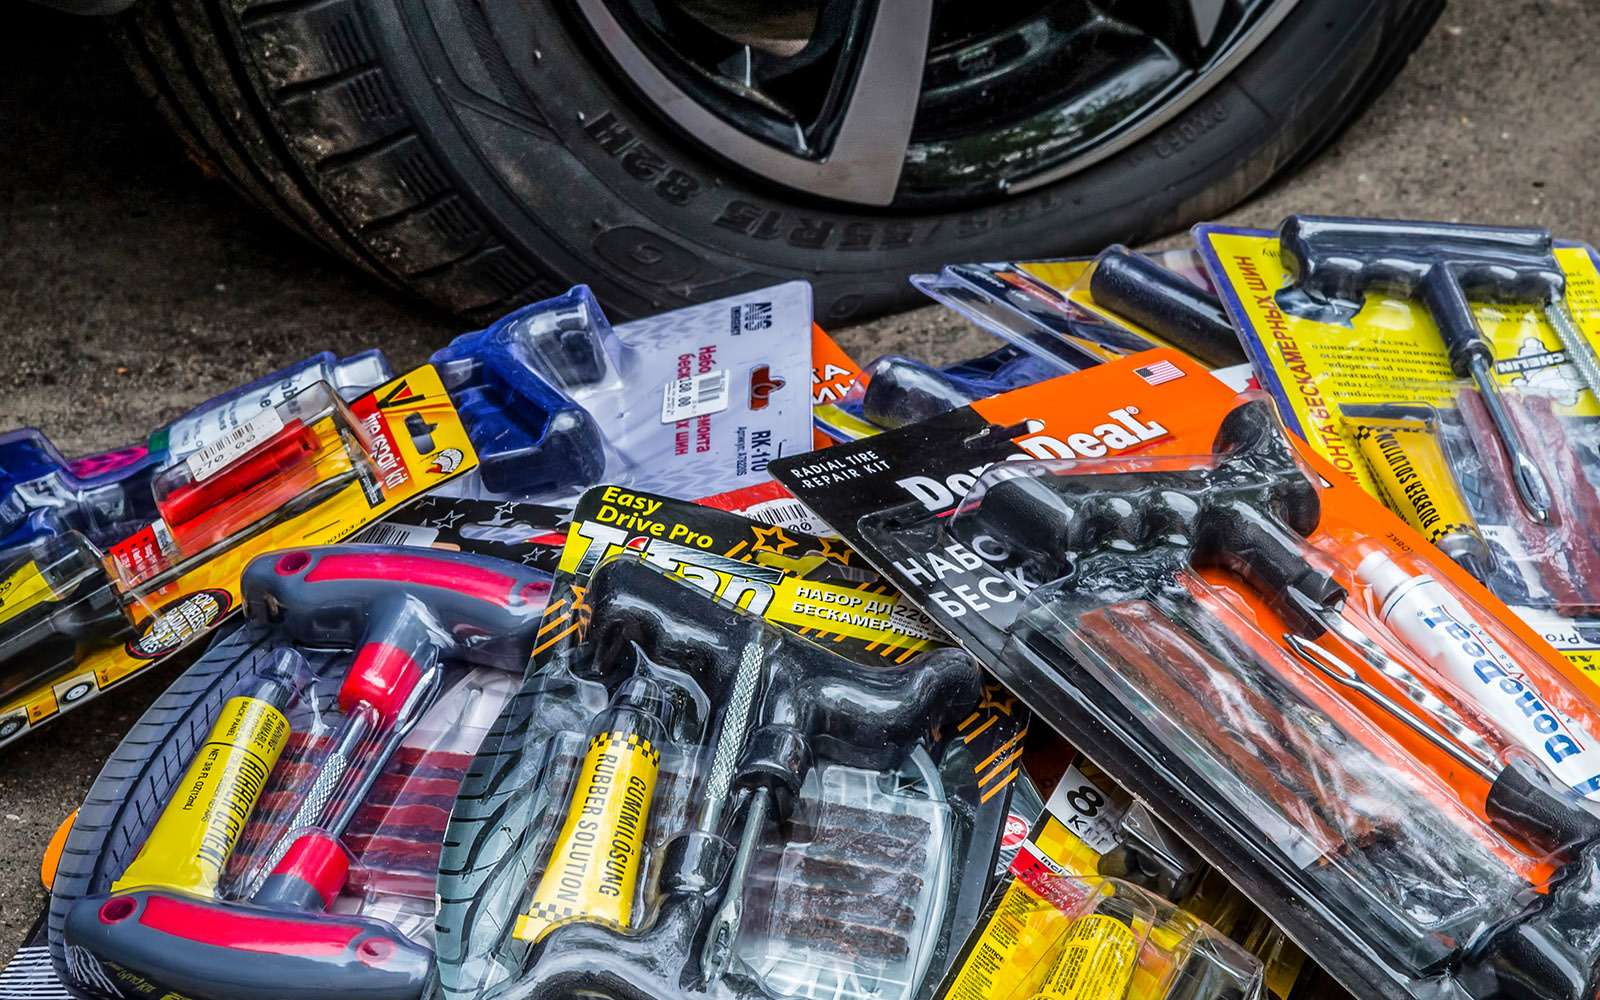 Ремонтируем проколотую шину—  тест 16ремкомплектов исоветы ЗР— фото 771821